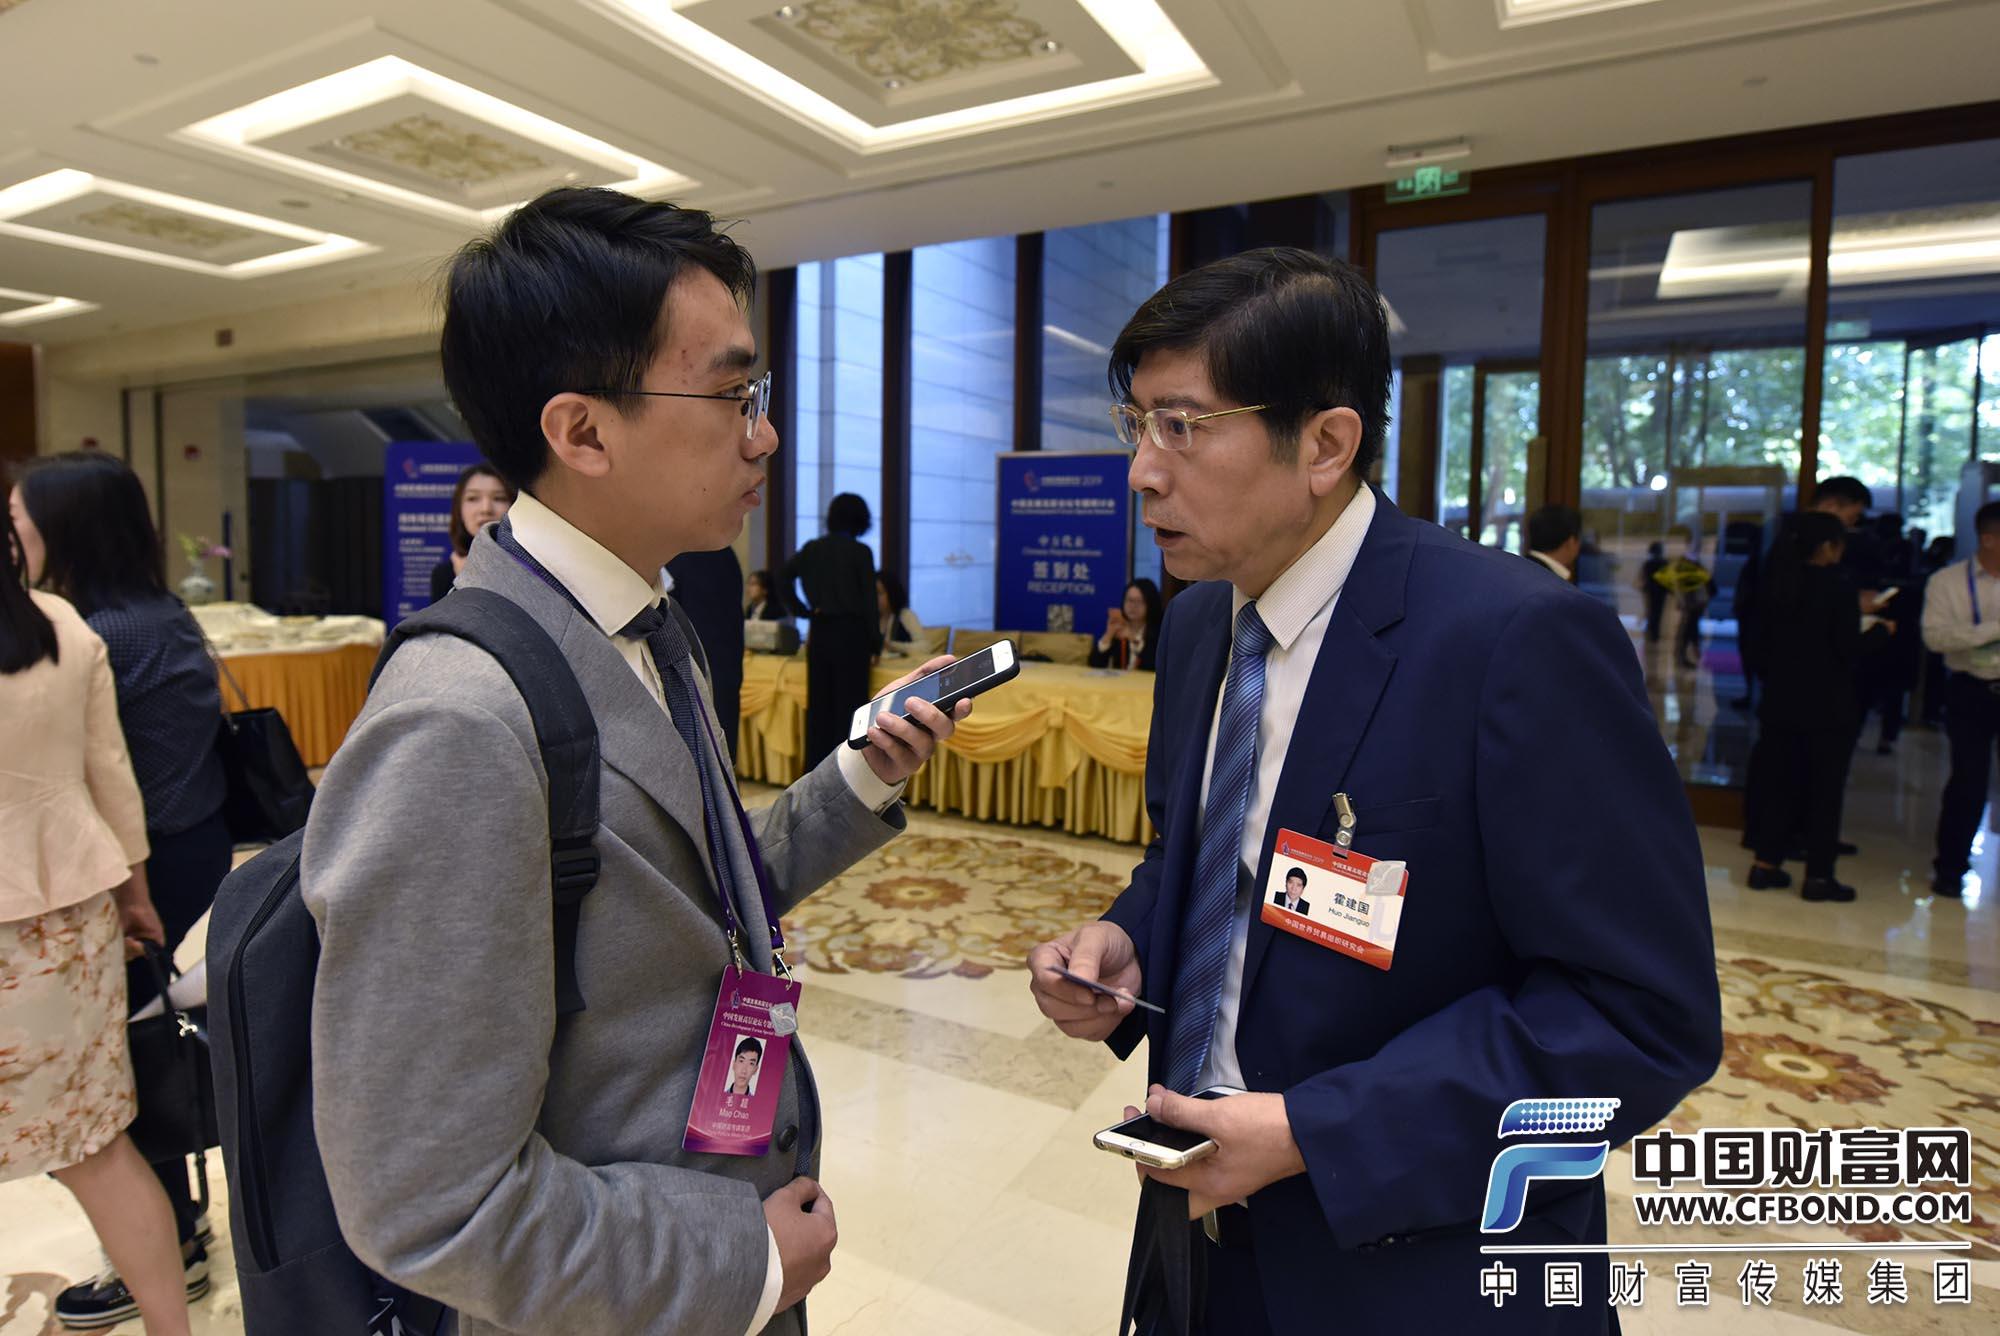 中国世界贸易组织研究会副会长霍建国接受采访